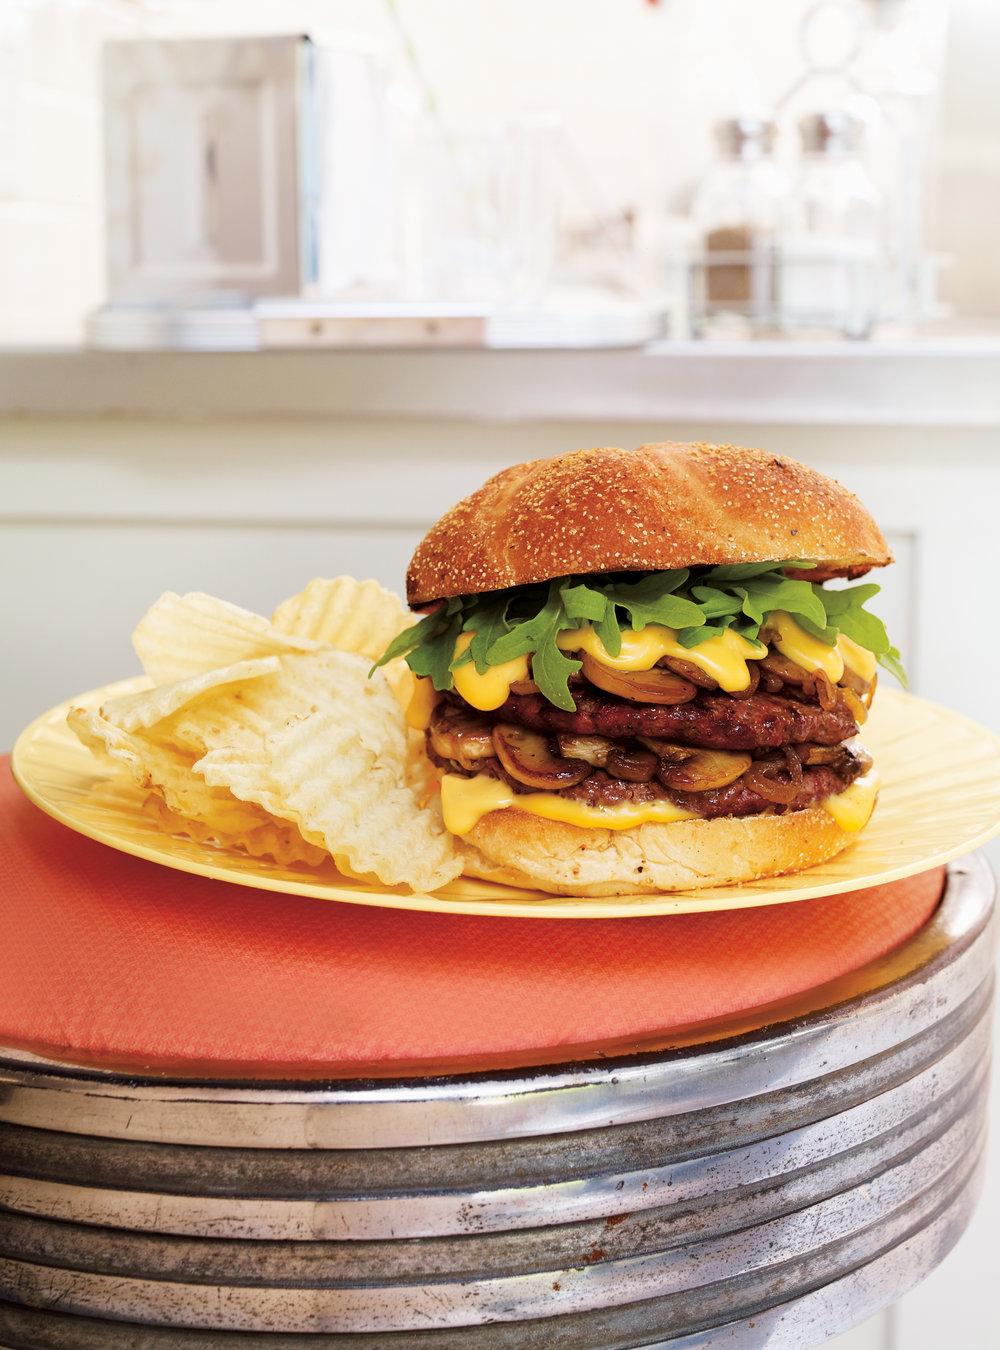 Burger double aux champignons, sauce au fromage | ricardo